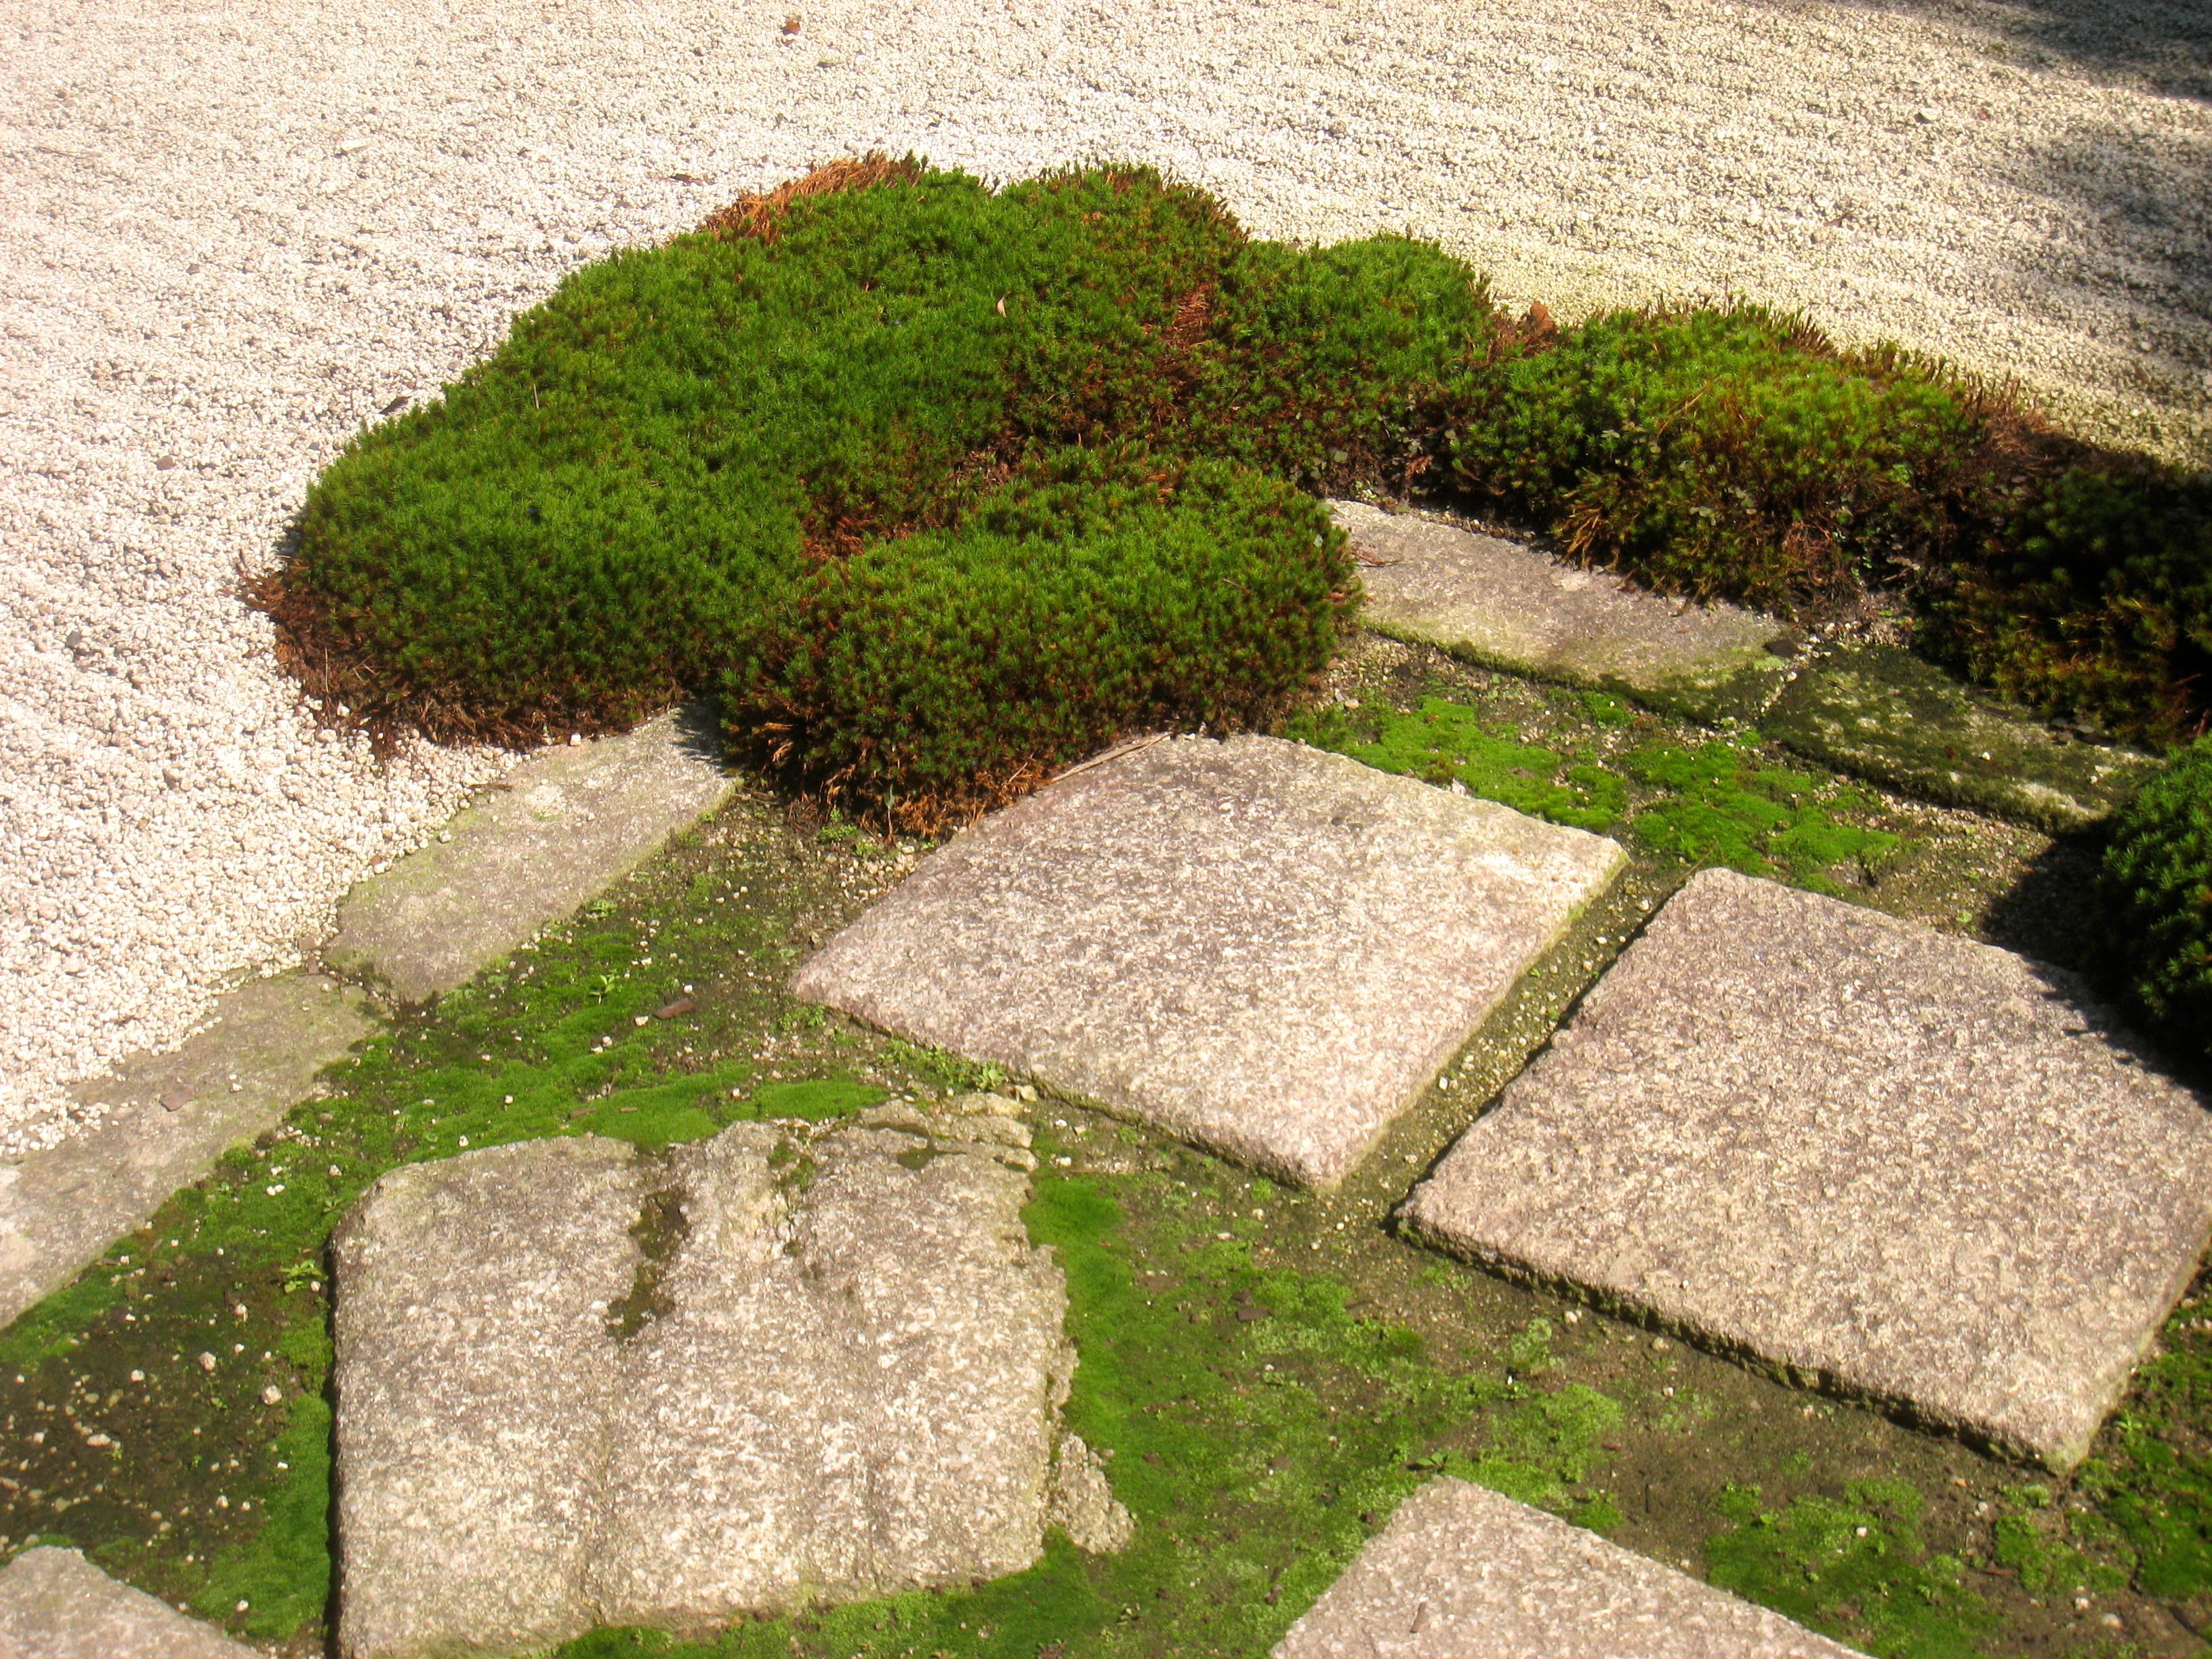 File:Tenjuan stone garden - Nanzenji - IMG 5252.JPG ...